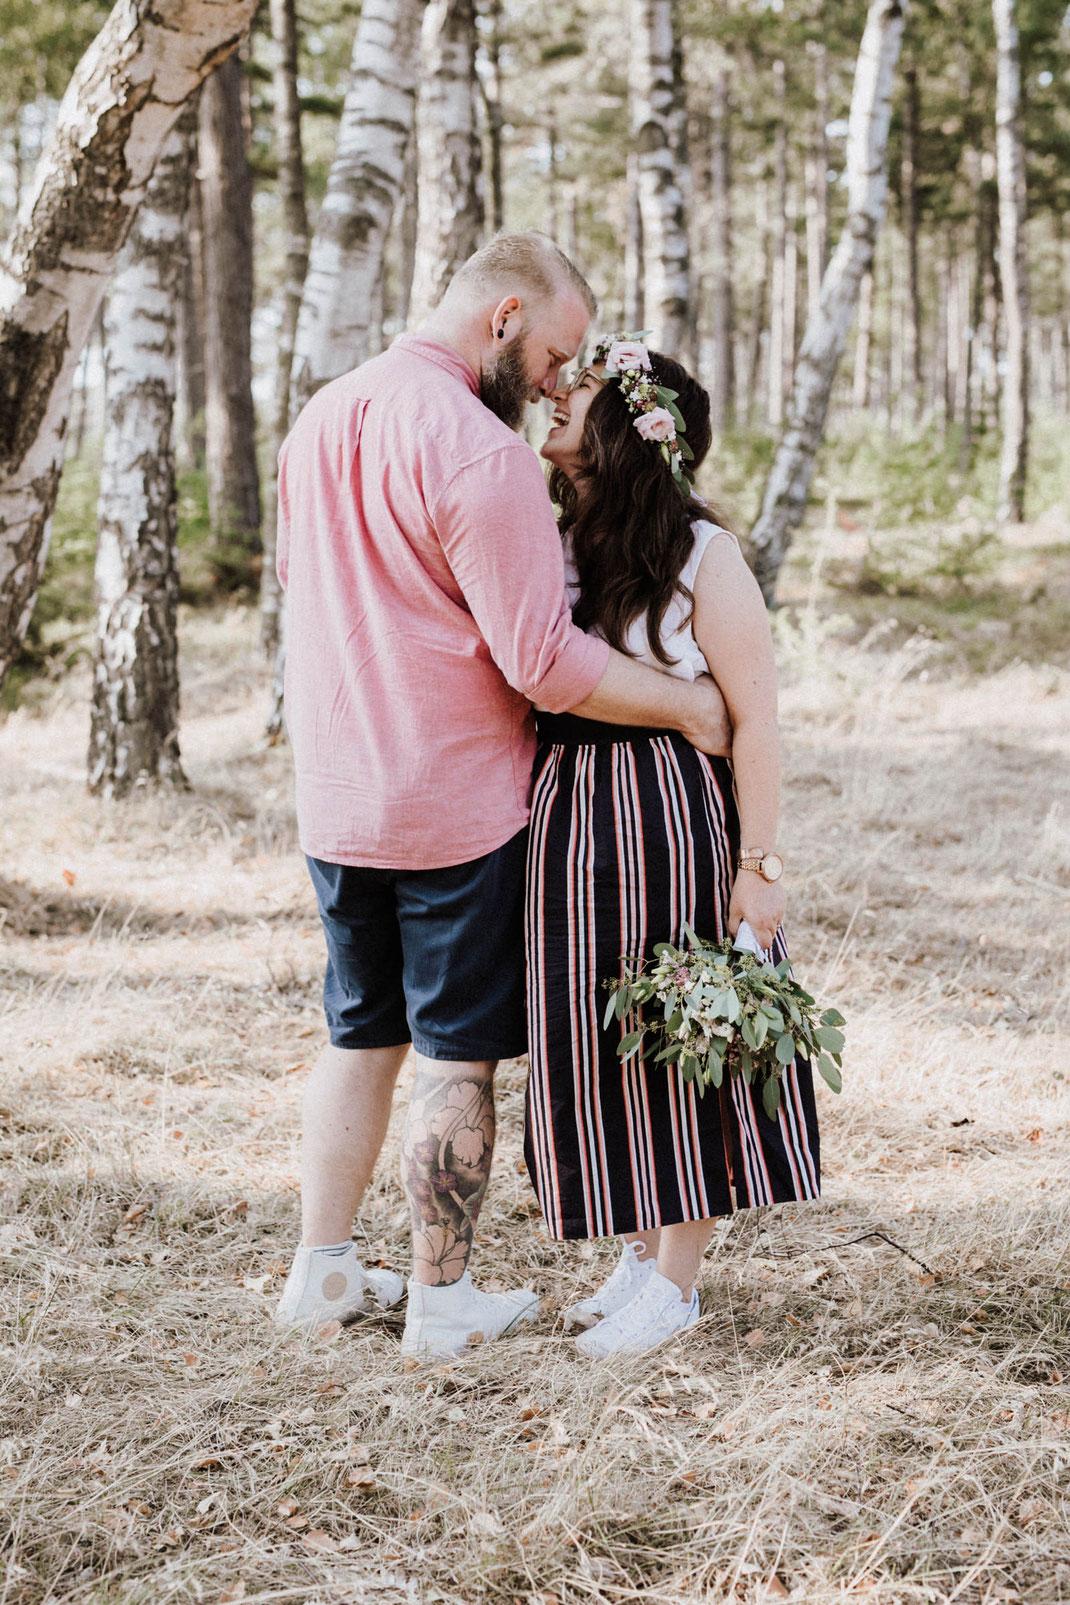 Hochzeitsfotografie in Cuxhaven von Alina Atzler